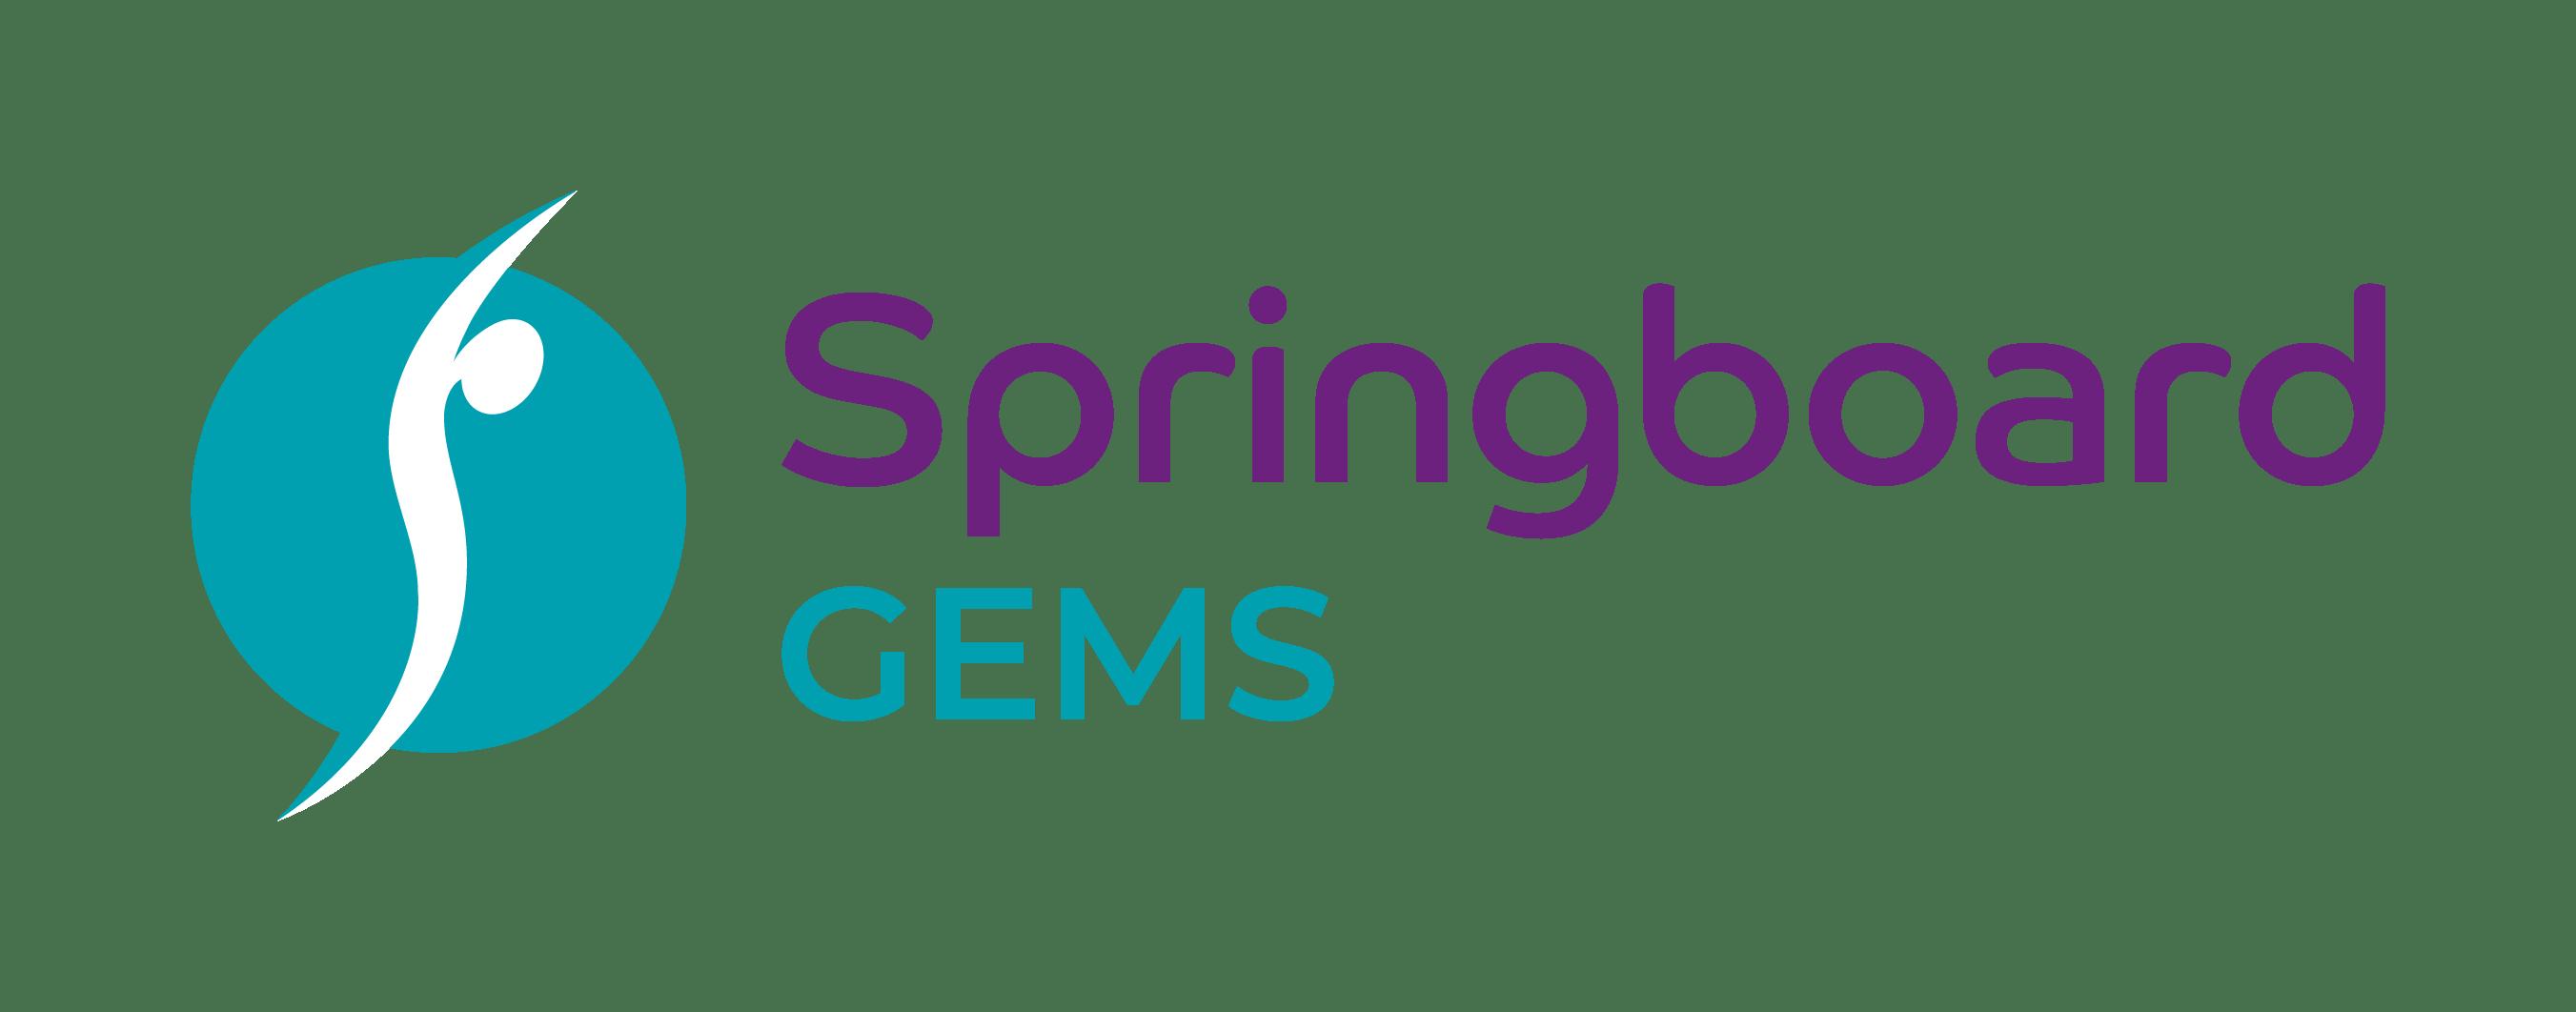 Springboard GEMS Logo PNG